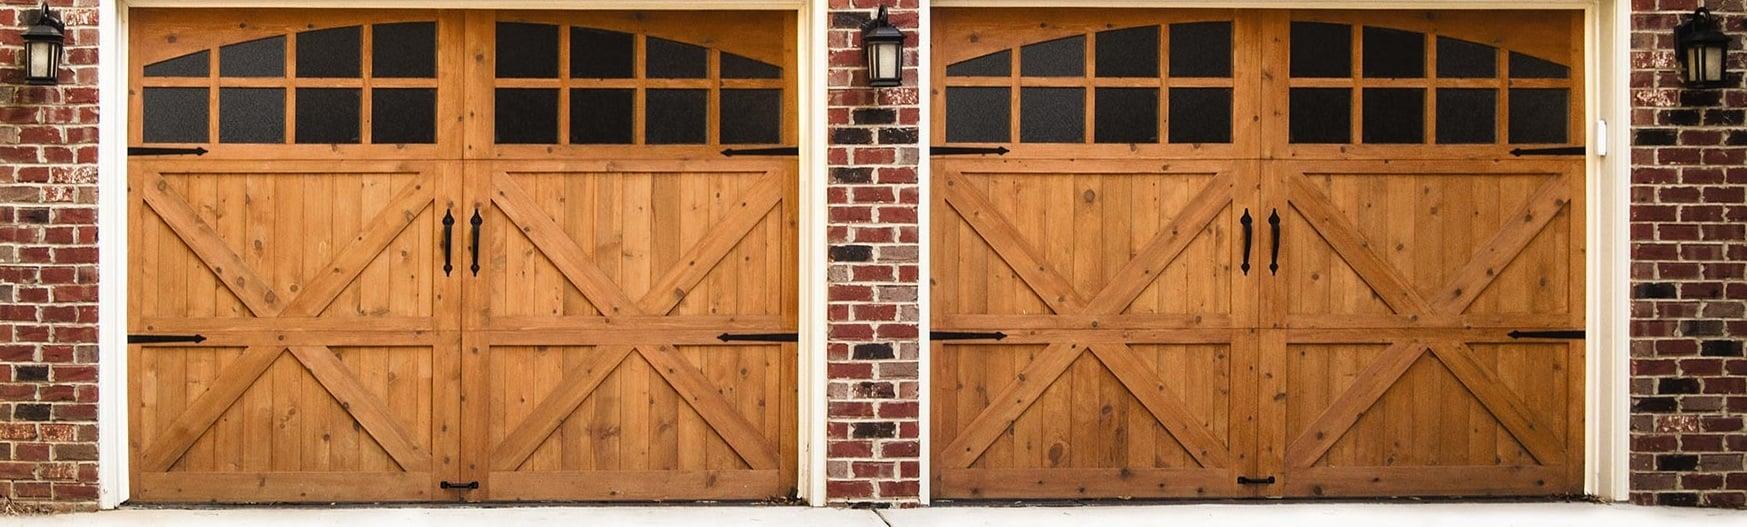 Clopay Carriage House Wood Garage Door